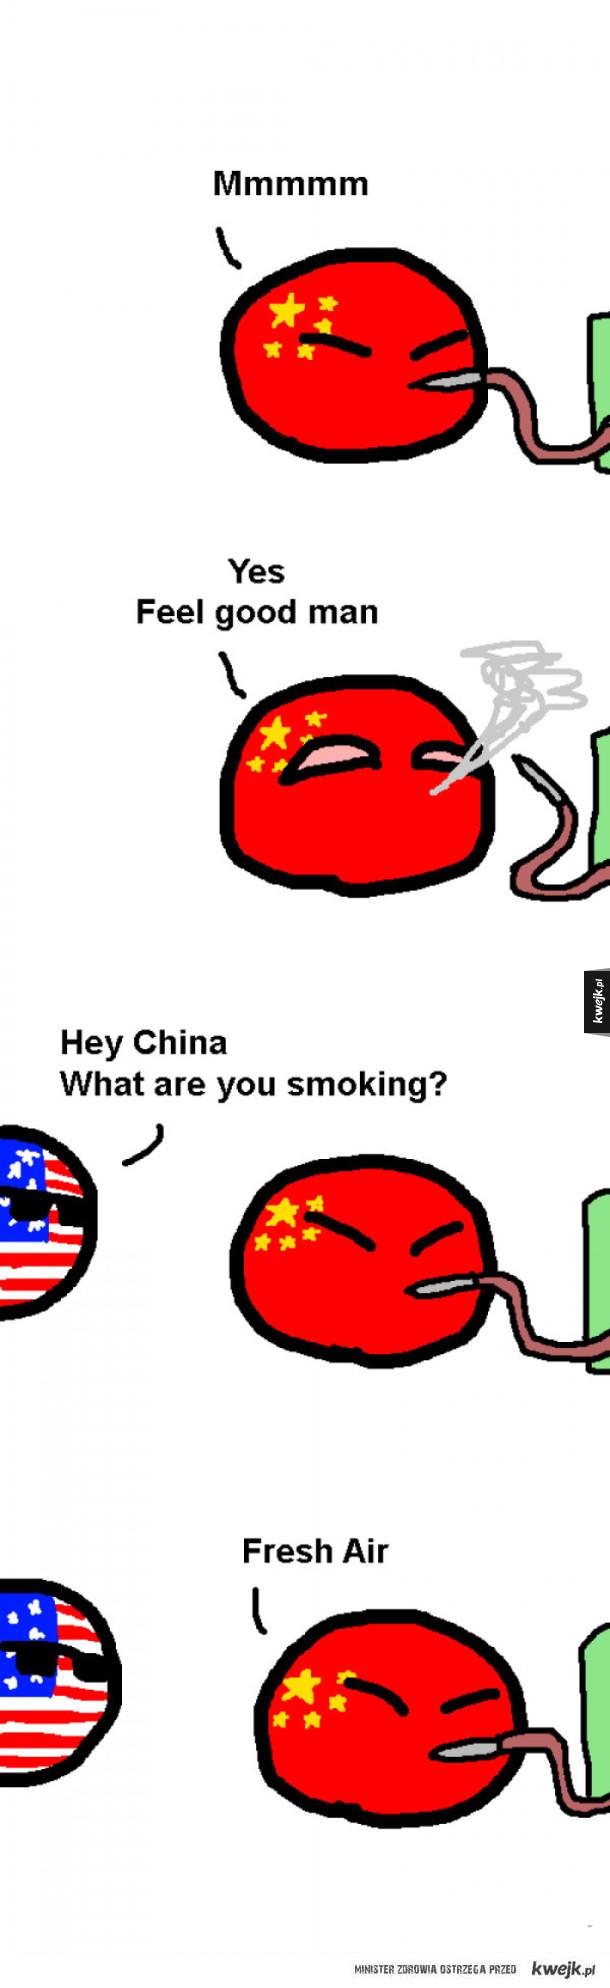 Najbardziej chodliwy towar w Chinach